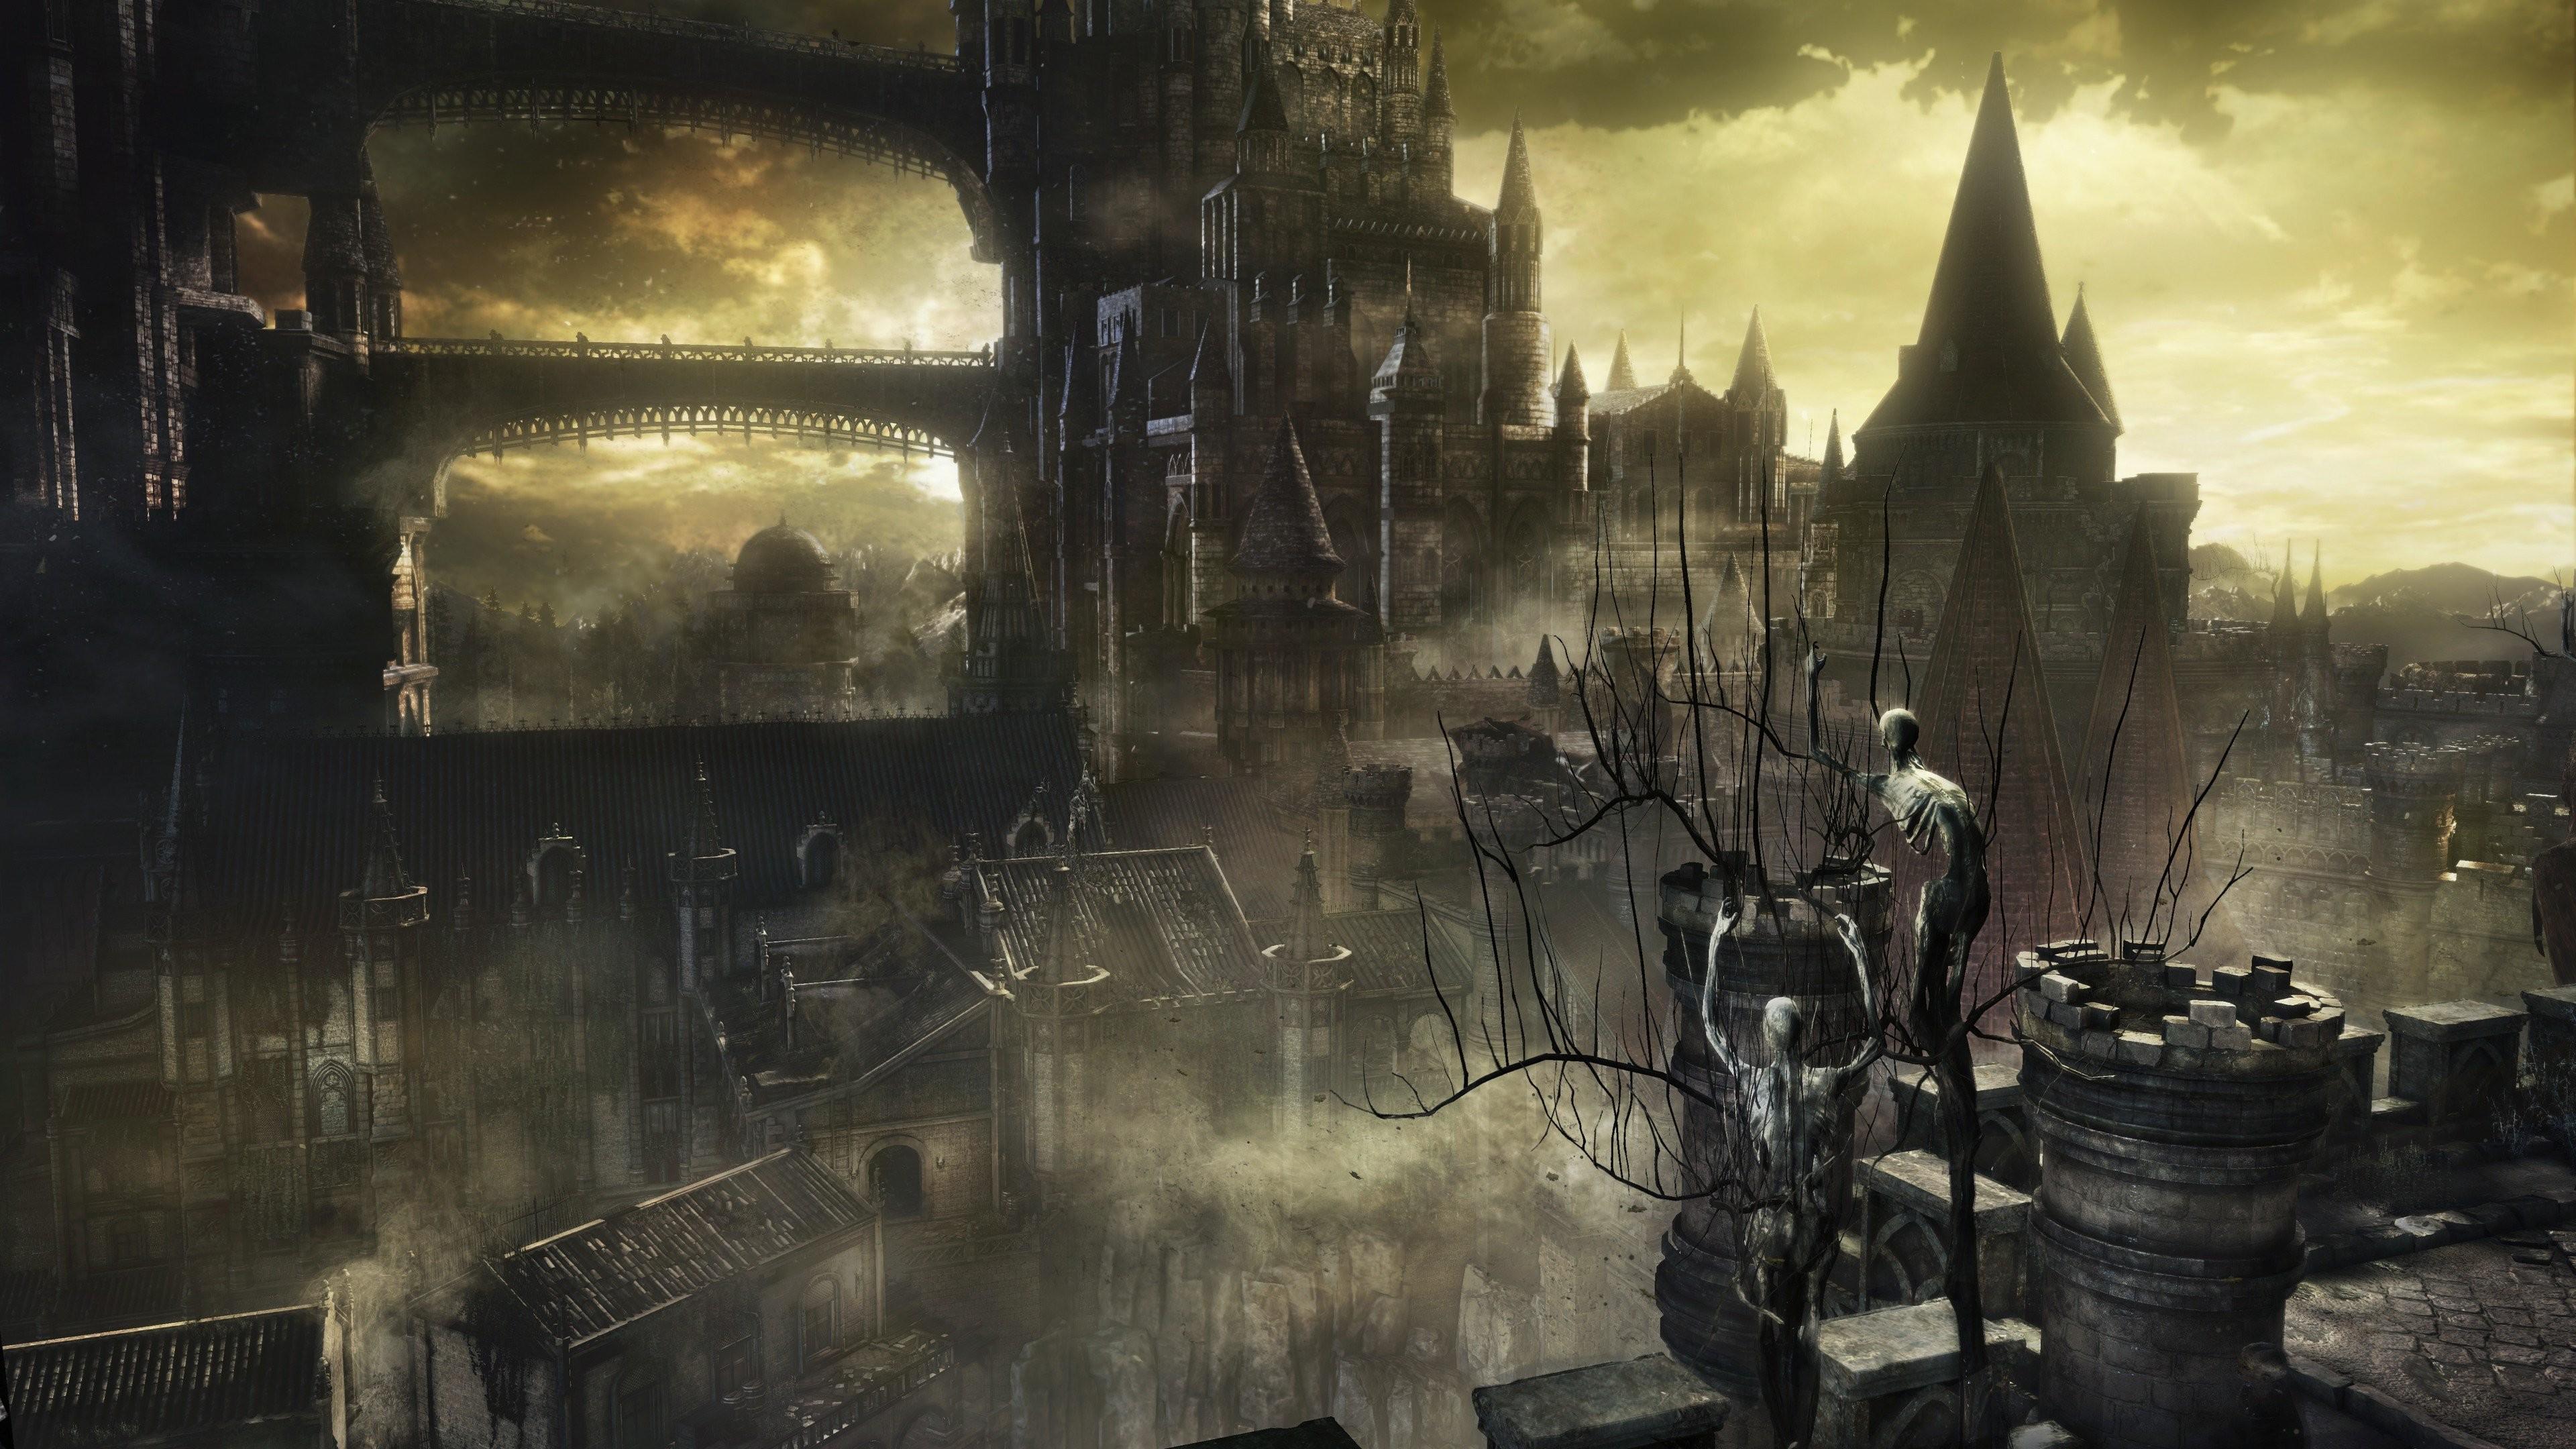 Dark Souls III Wallpapers (85+ pictures)